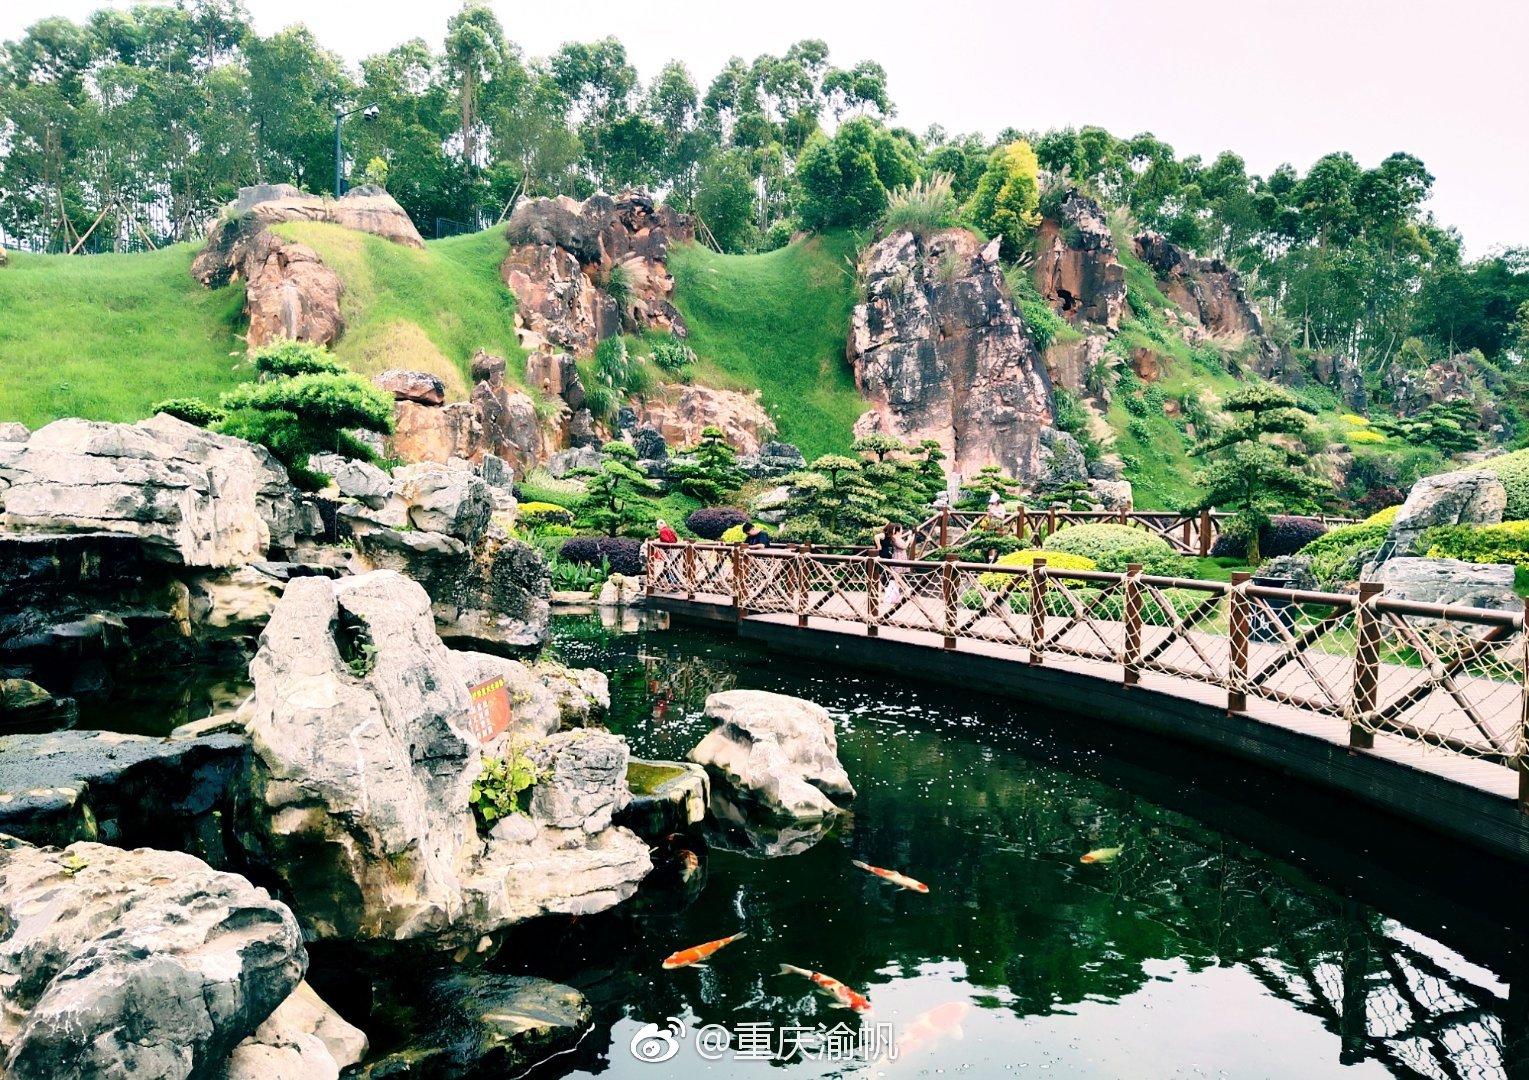 南宁园博园开园_南宁园博园的罗汉松园是世界上第一个与矿山生态修复工程相 ...